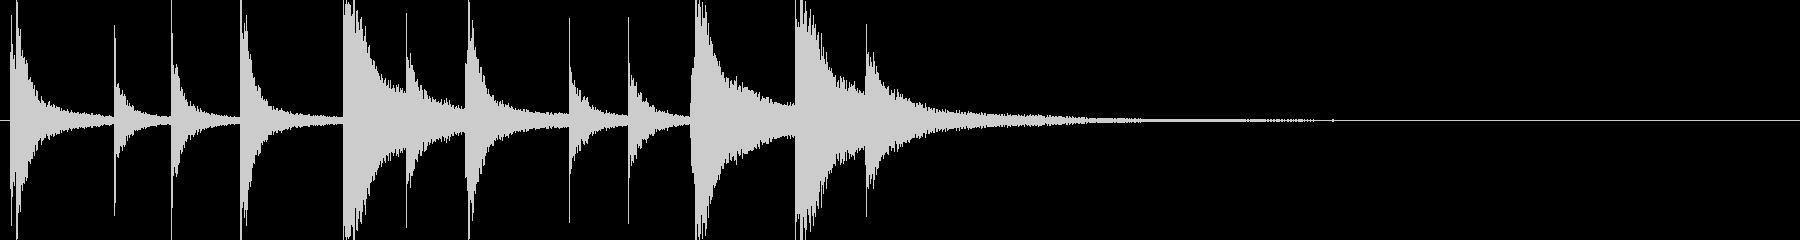 ドラム/ティンバレス フィルイン 26の未再生の波形